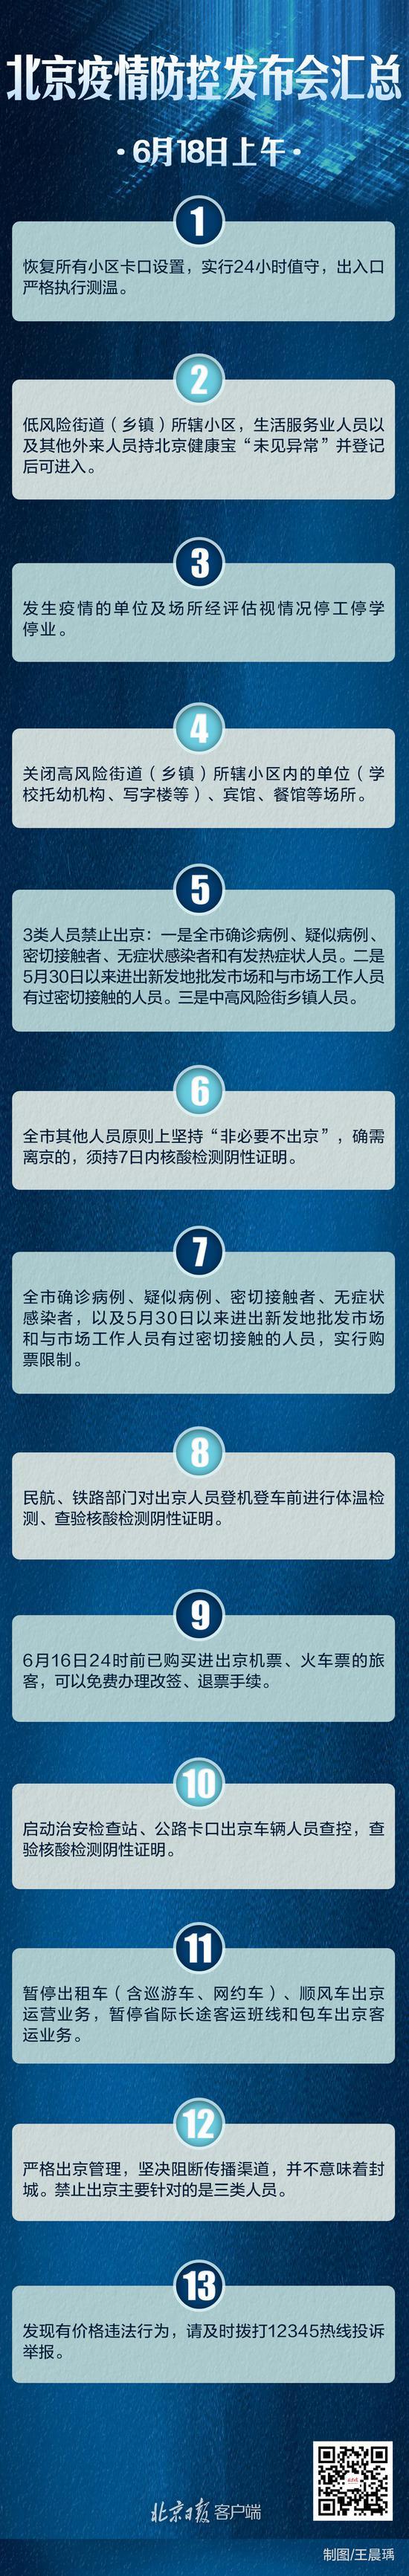 【天富官网】午北京疫情防控发天富官网图片